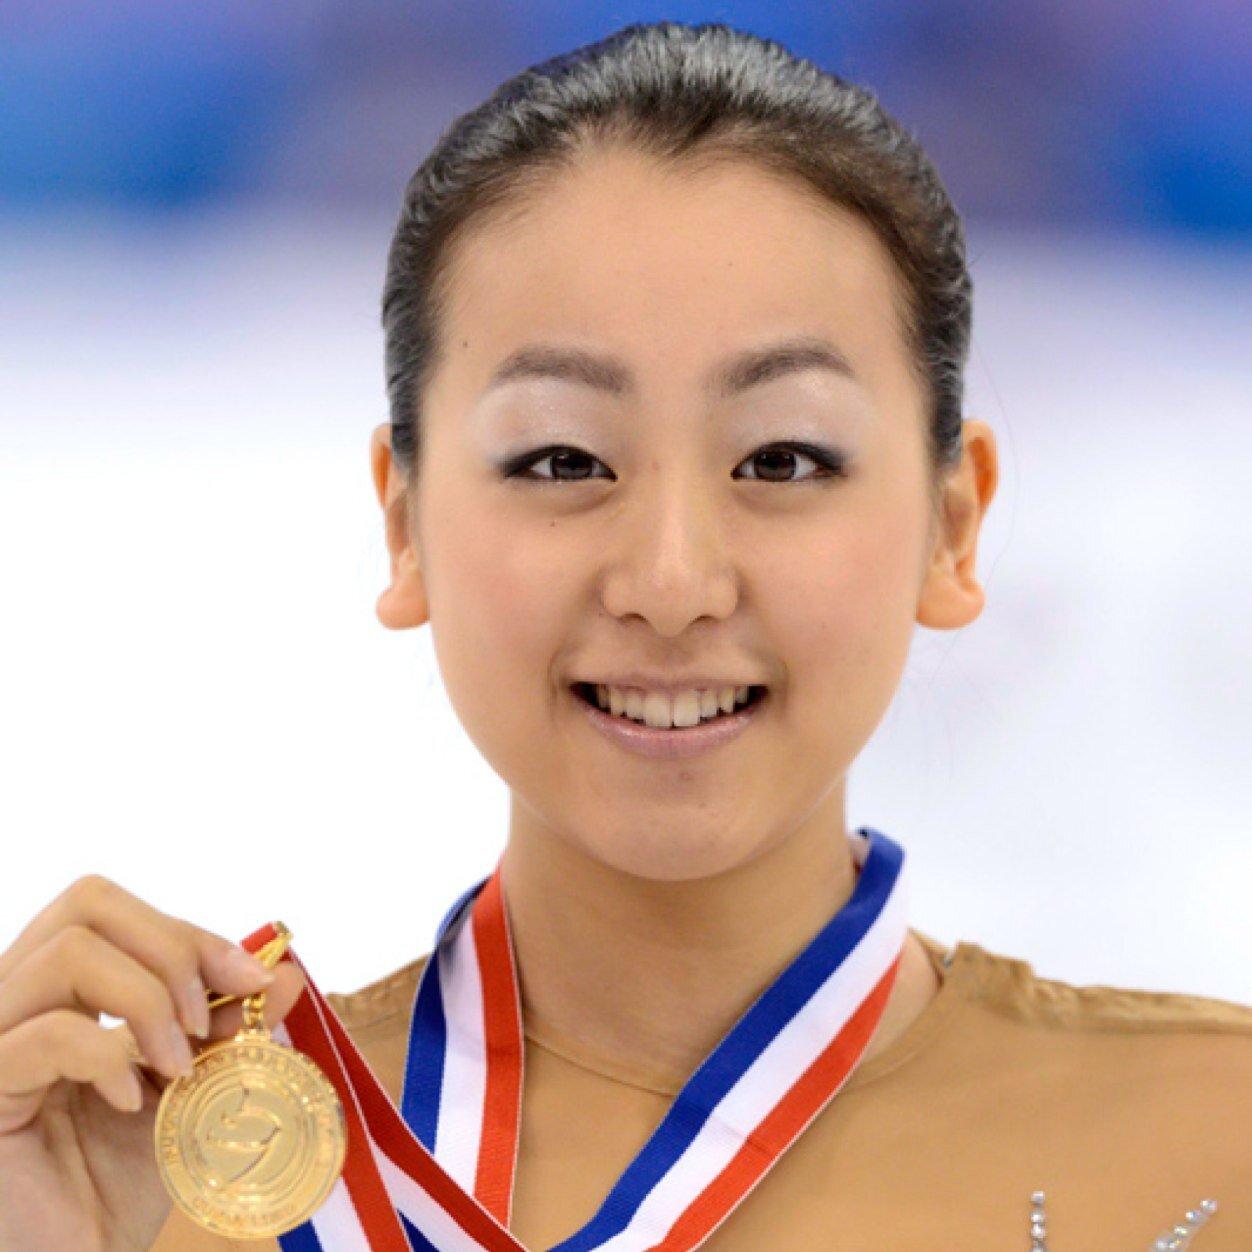 フィギュアスケーター浅田真央選手の妊娠はガセネタだった!?のサムネイル画像